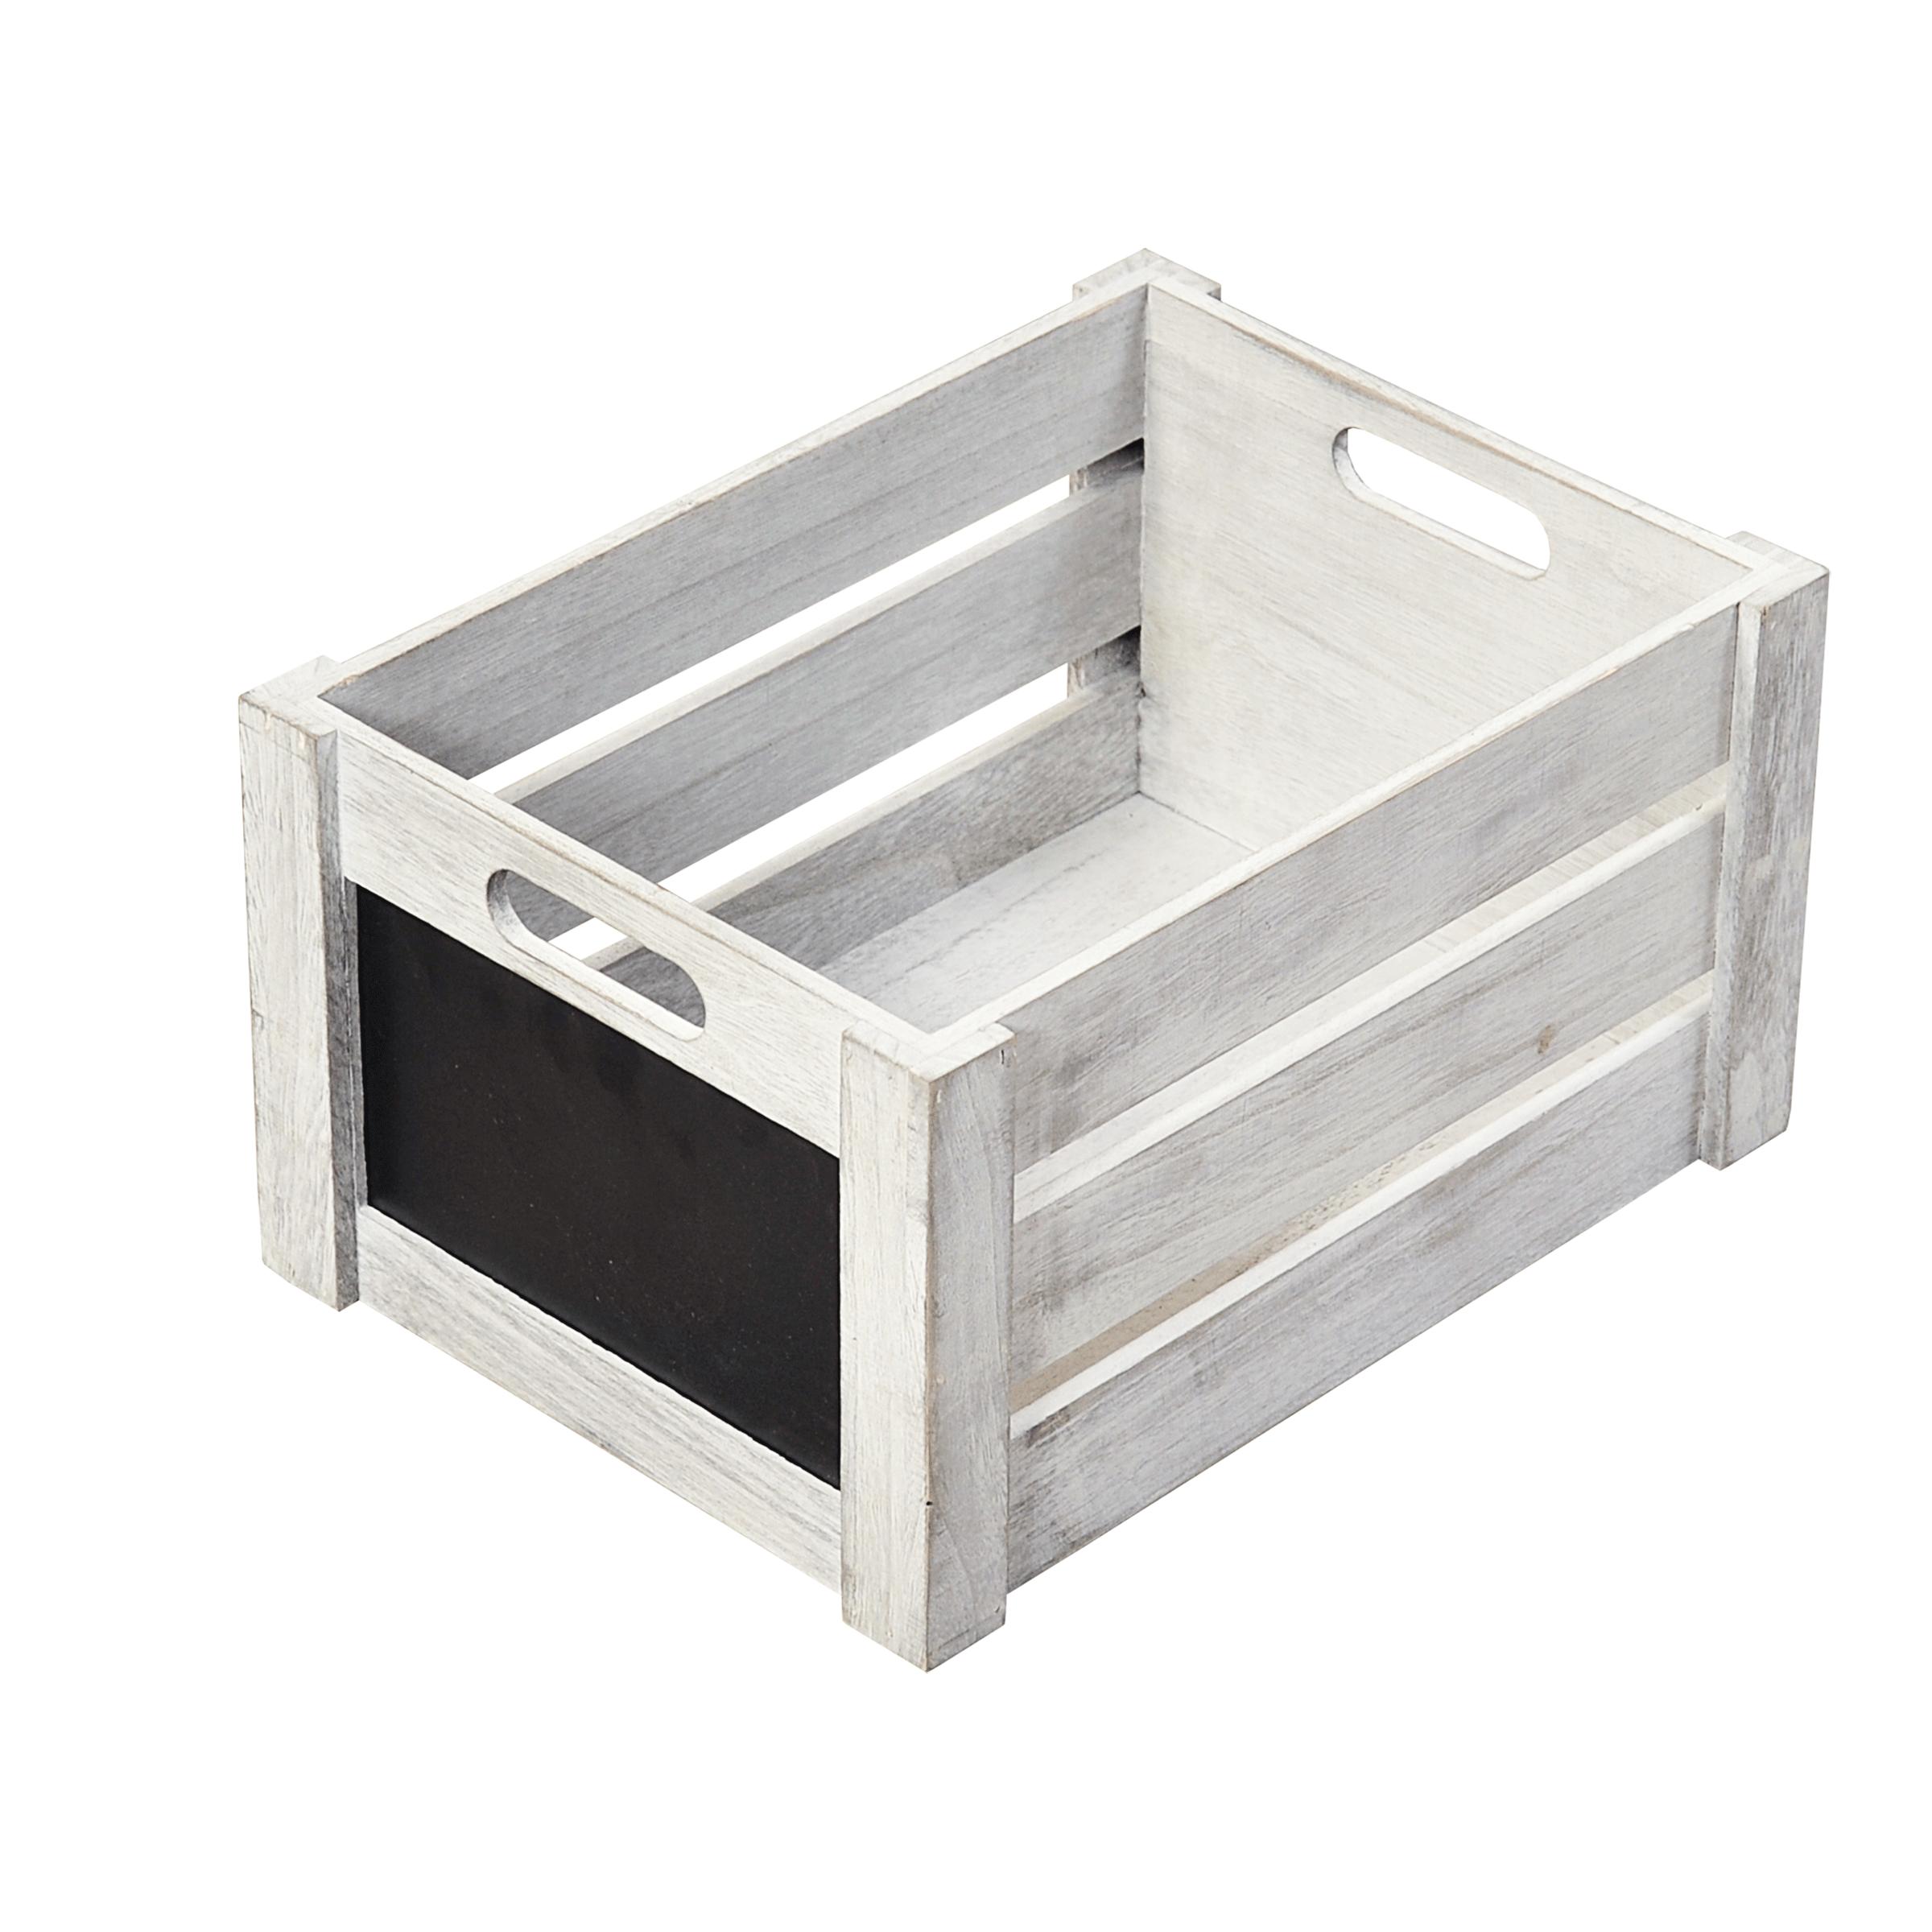 Caisse de rangement en bois gris clair avec façade en ardoise taille S